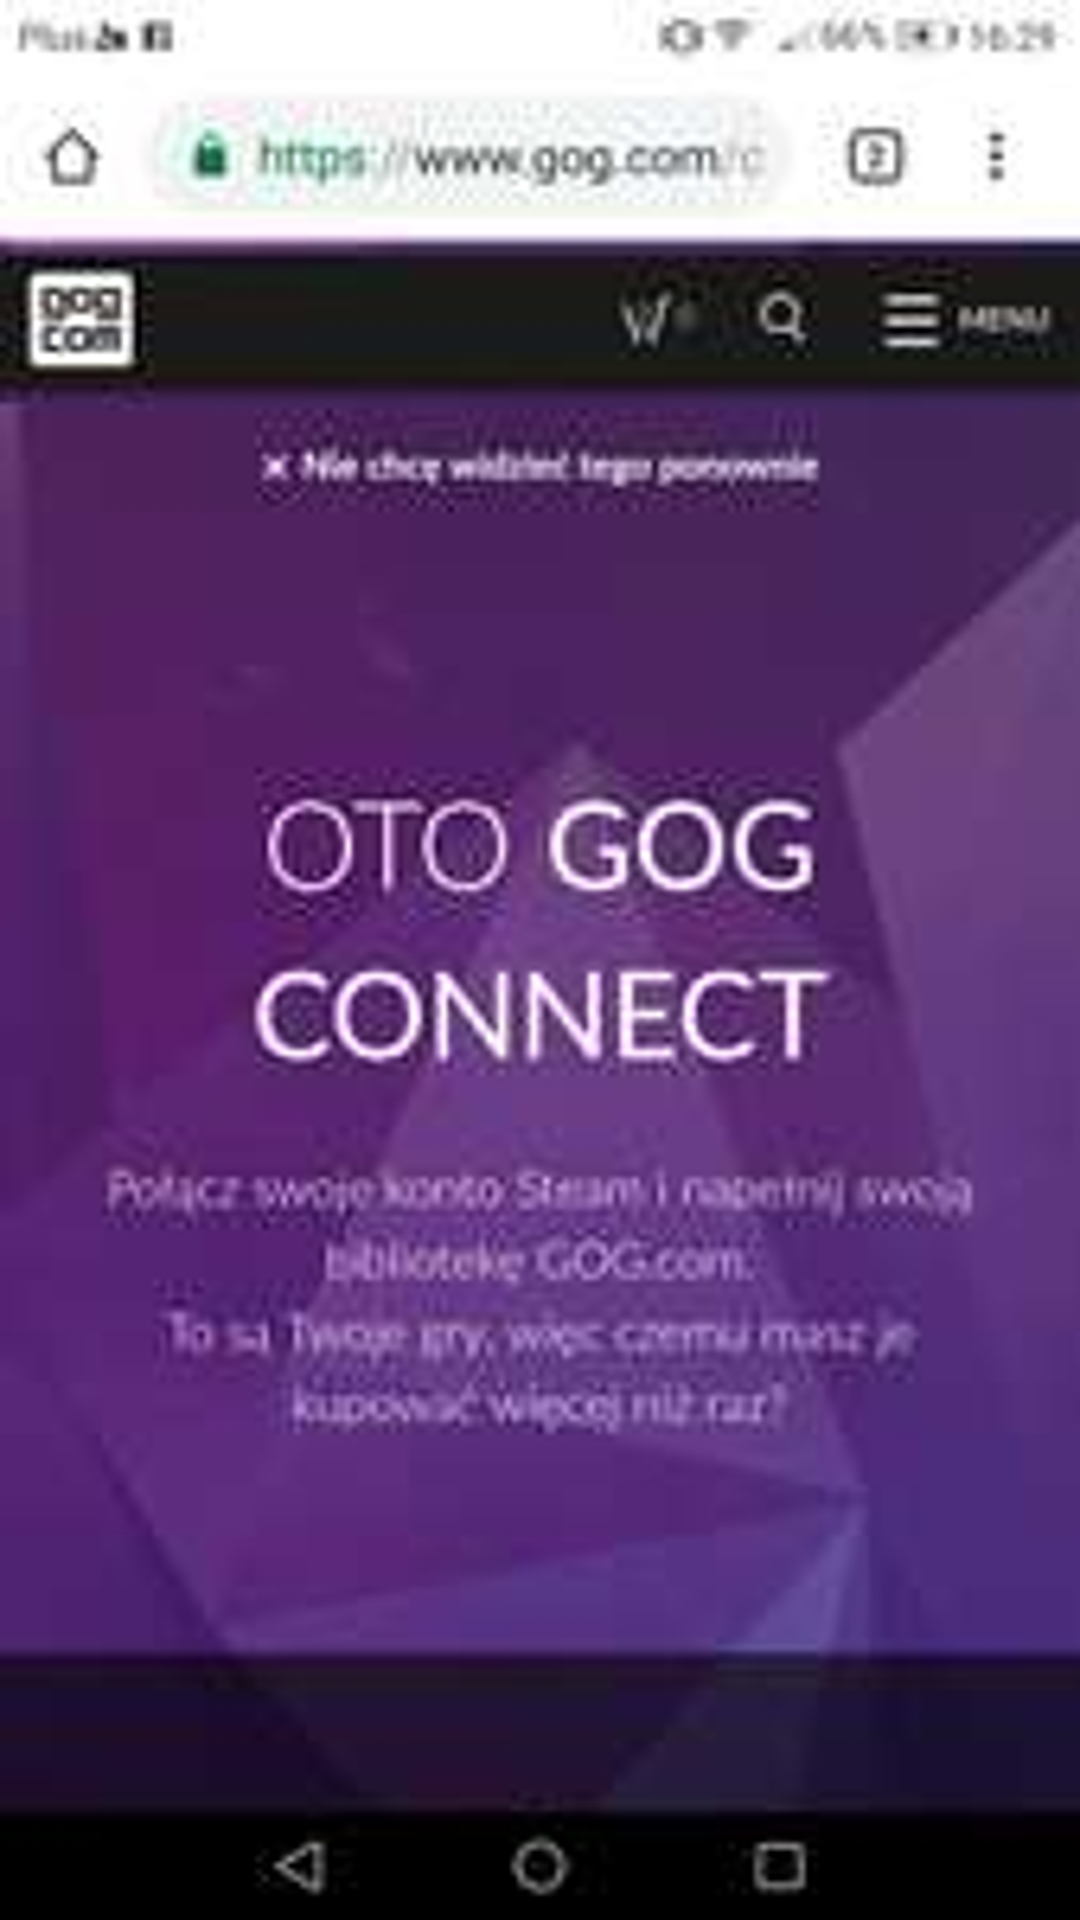 GOG Connect - 8 nowych tytułów dołącz za darmo